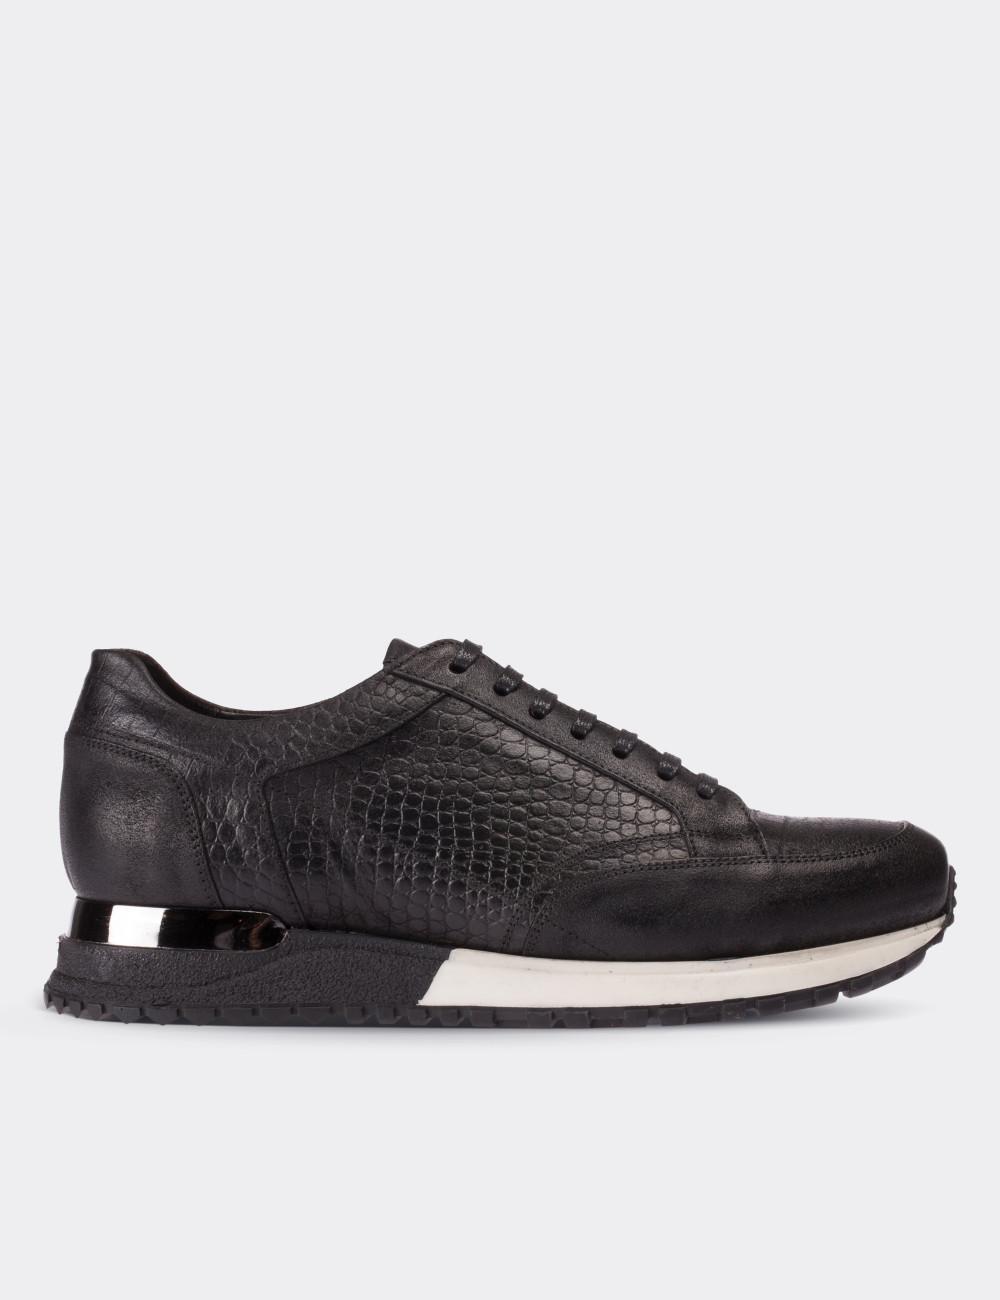 Hakiki Deri Kroko Siyah Spor Erkek Ayakkabı - 01632MSYHT01